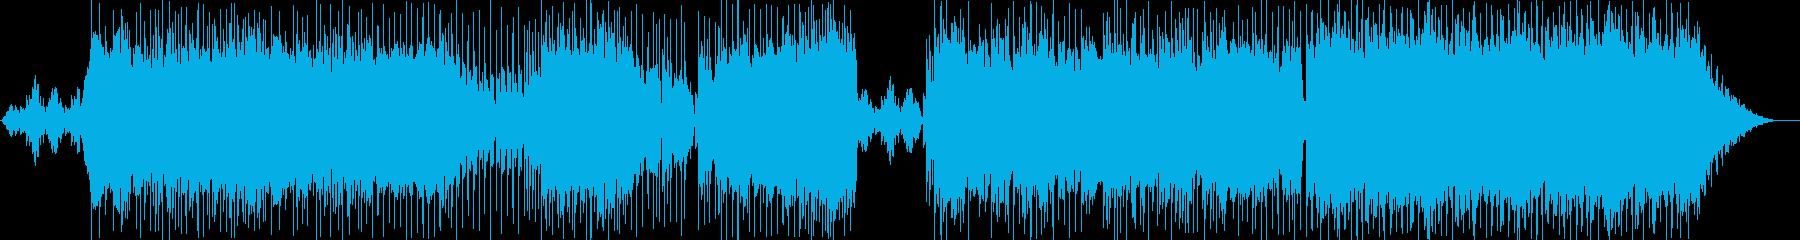 海底を連想する幻想的な楽曲の再生済みの波形